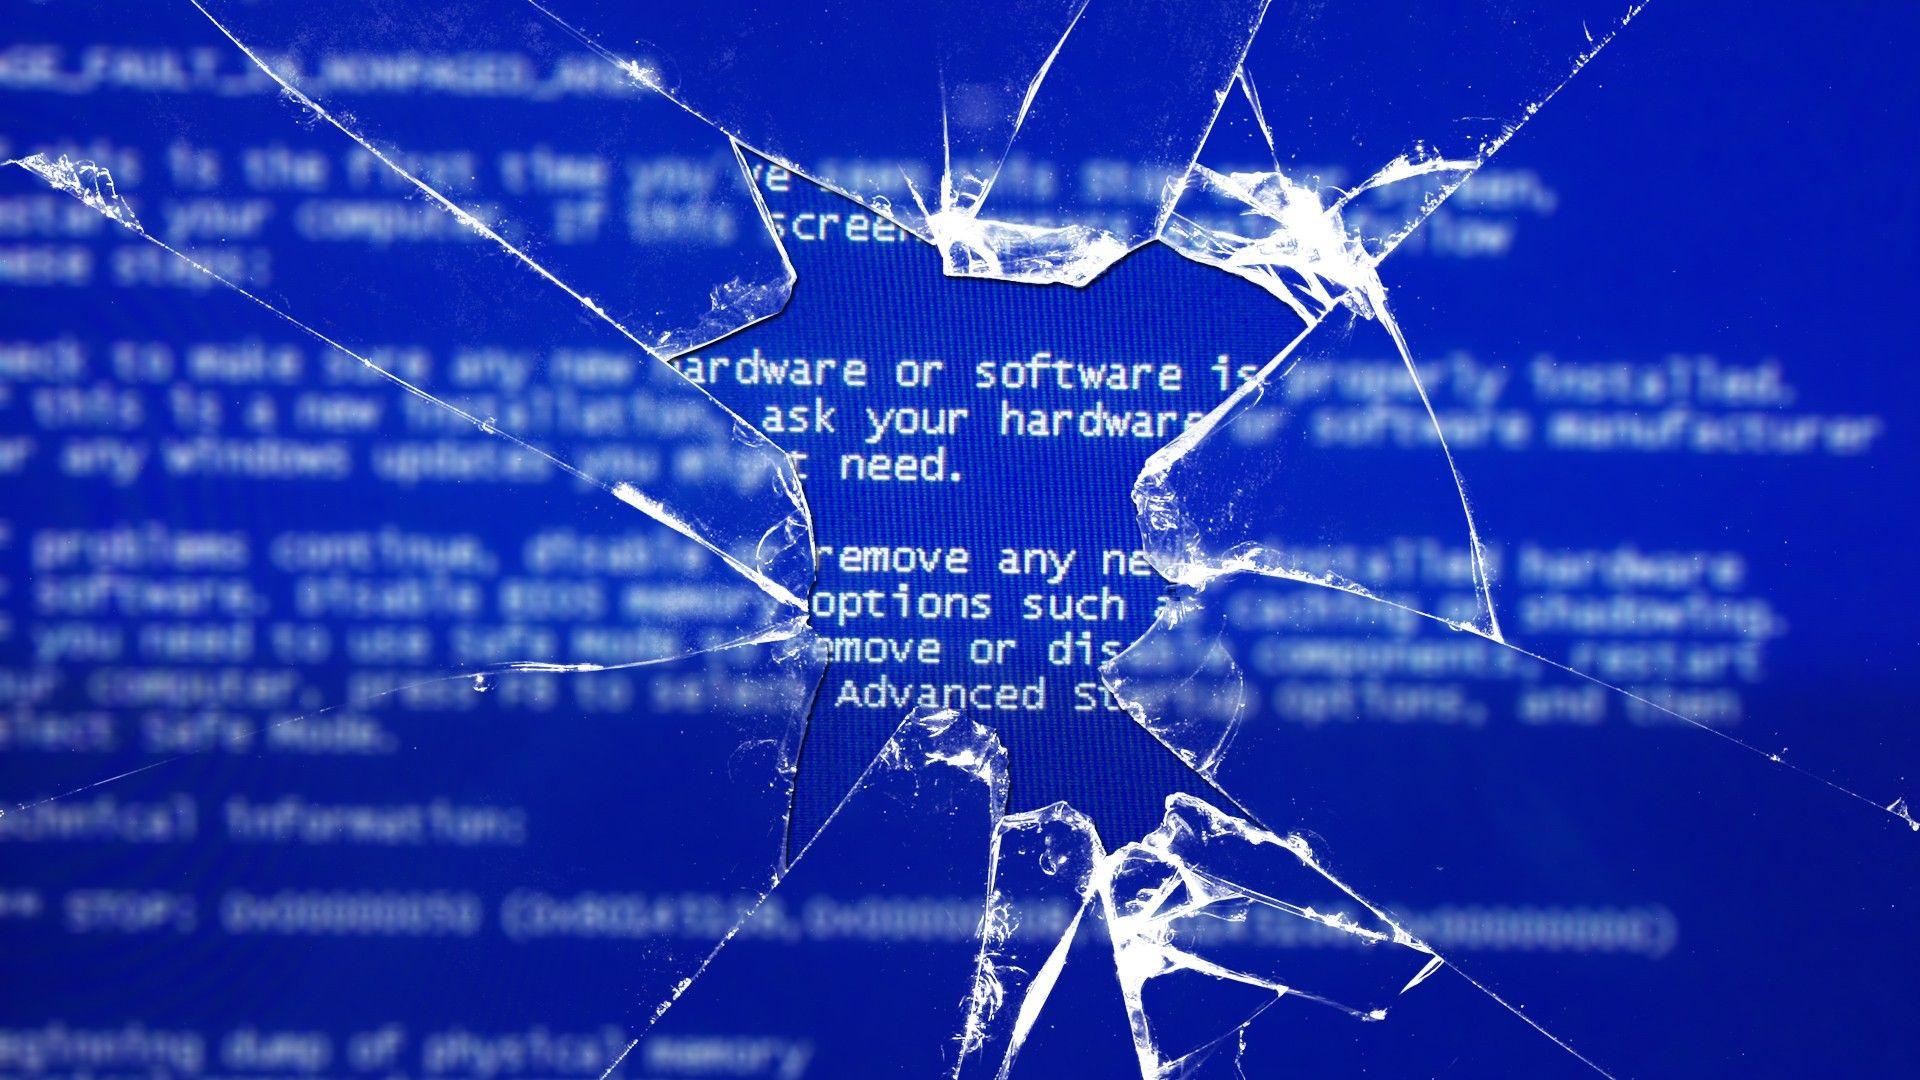 blue screen broken screen wallpaper 2018 wallpapers hd wallpaper rh pinterest com